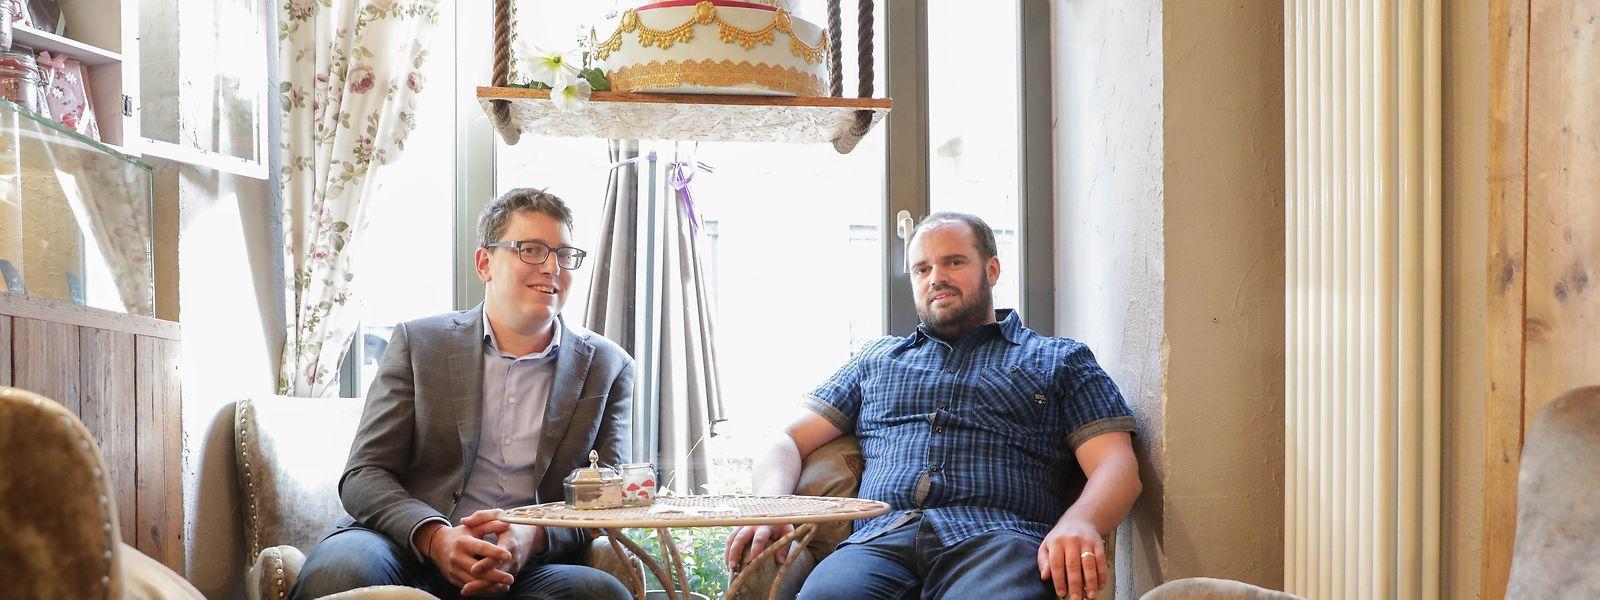 Die neuen Abgeordneten der Piraten Sven Clement (l.) und Marc Goergen.